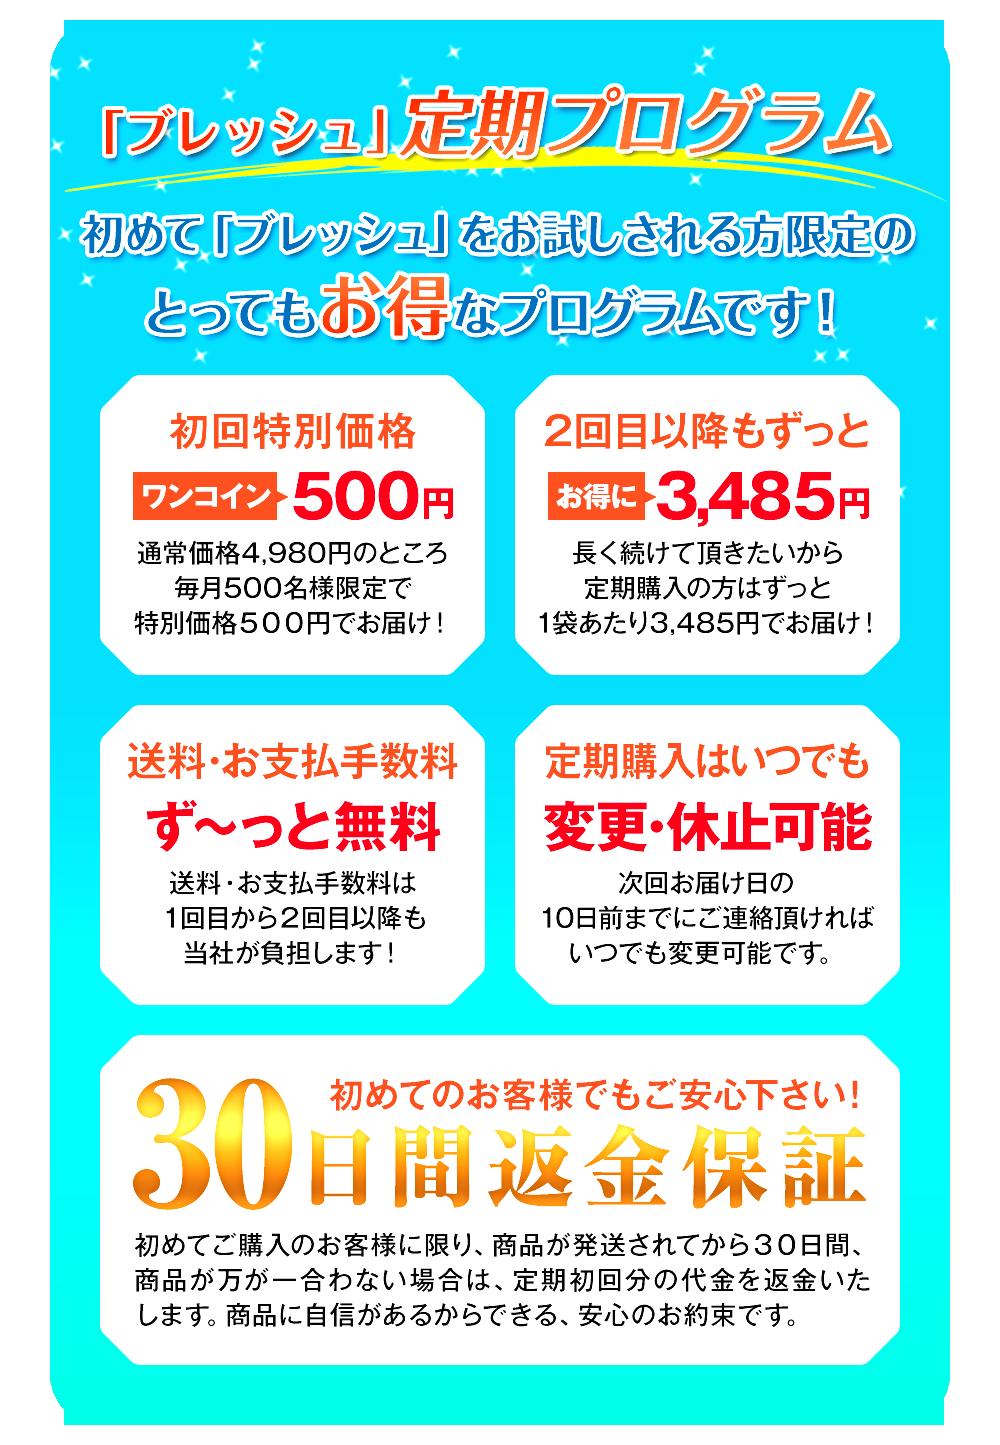 このページ限定!『ブレッシュ』は超実感コースだけのお得なキャンペーン内容がこちら!毎月先着300名様限定で初回価格が980円!2回目以降もずっと3,980円!送料・手数料はずっと無料!定期購入はいつでも変更・停止が可能です!更に初めてのお客様でも安心の30日間返金保証をご用意しております!